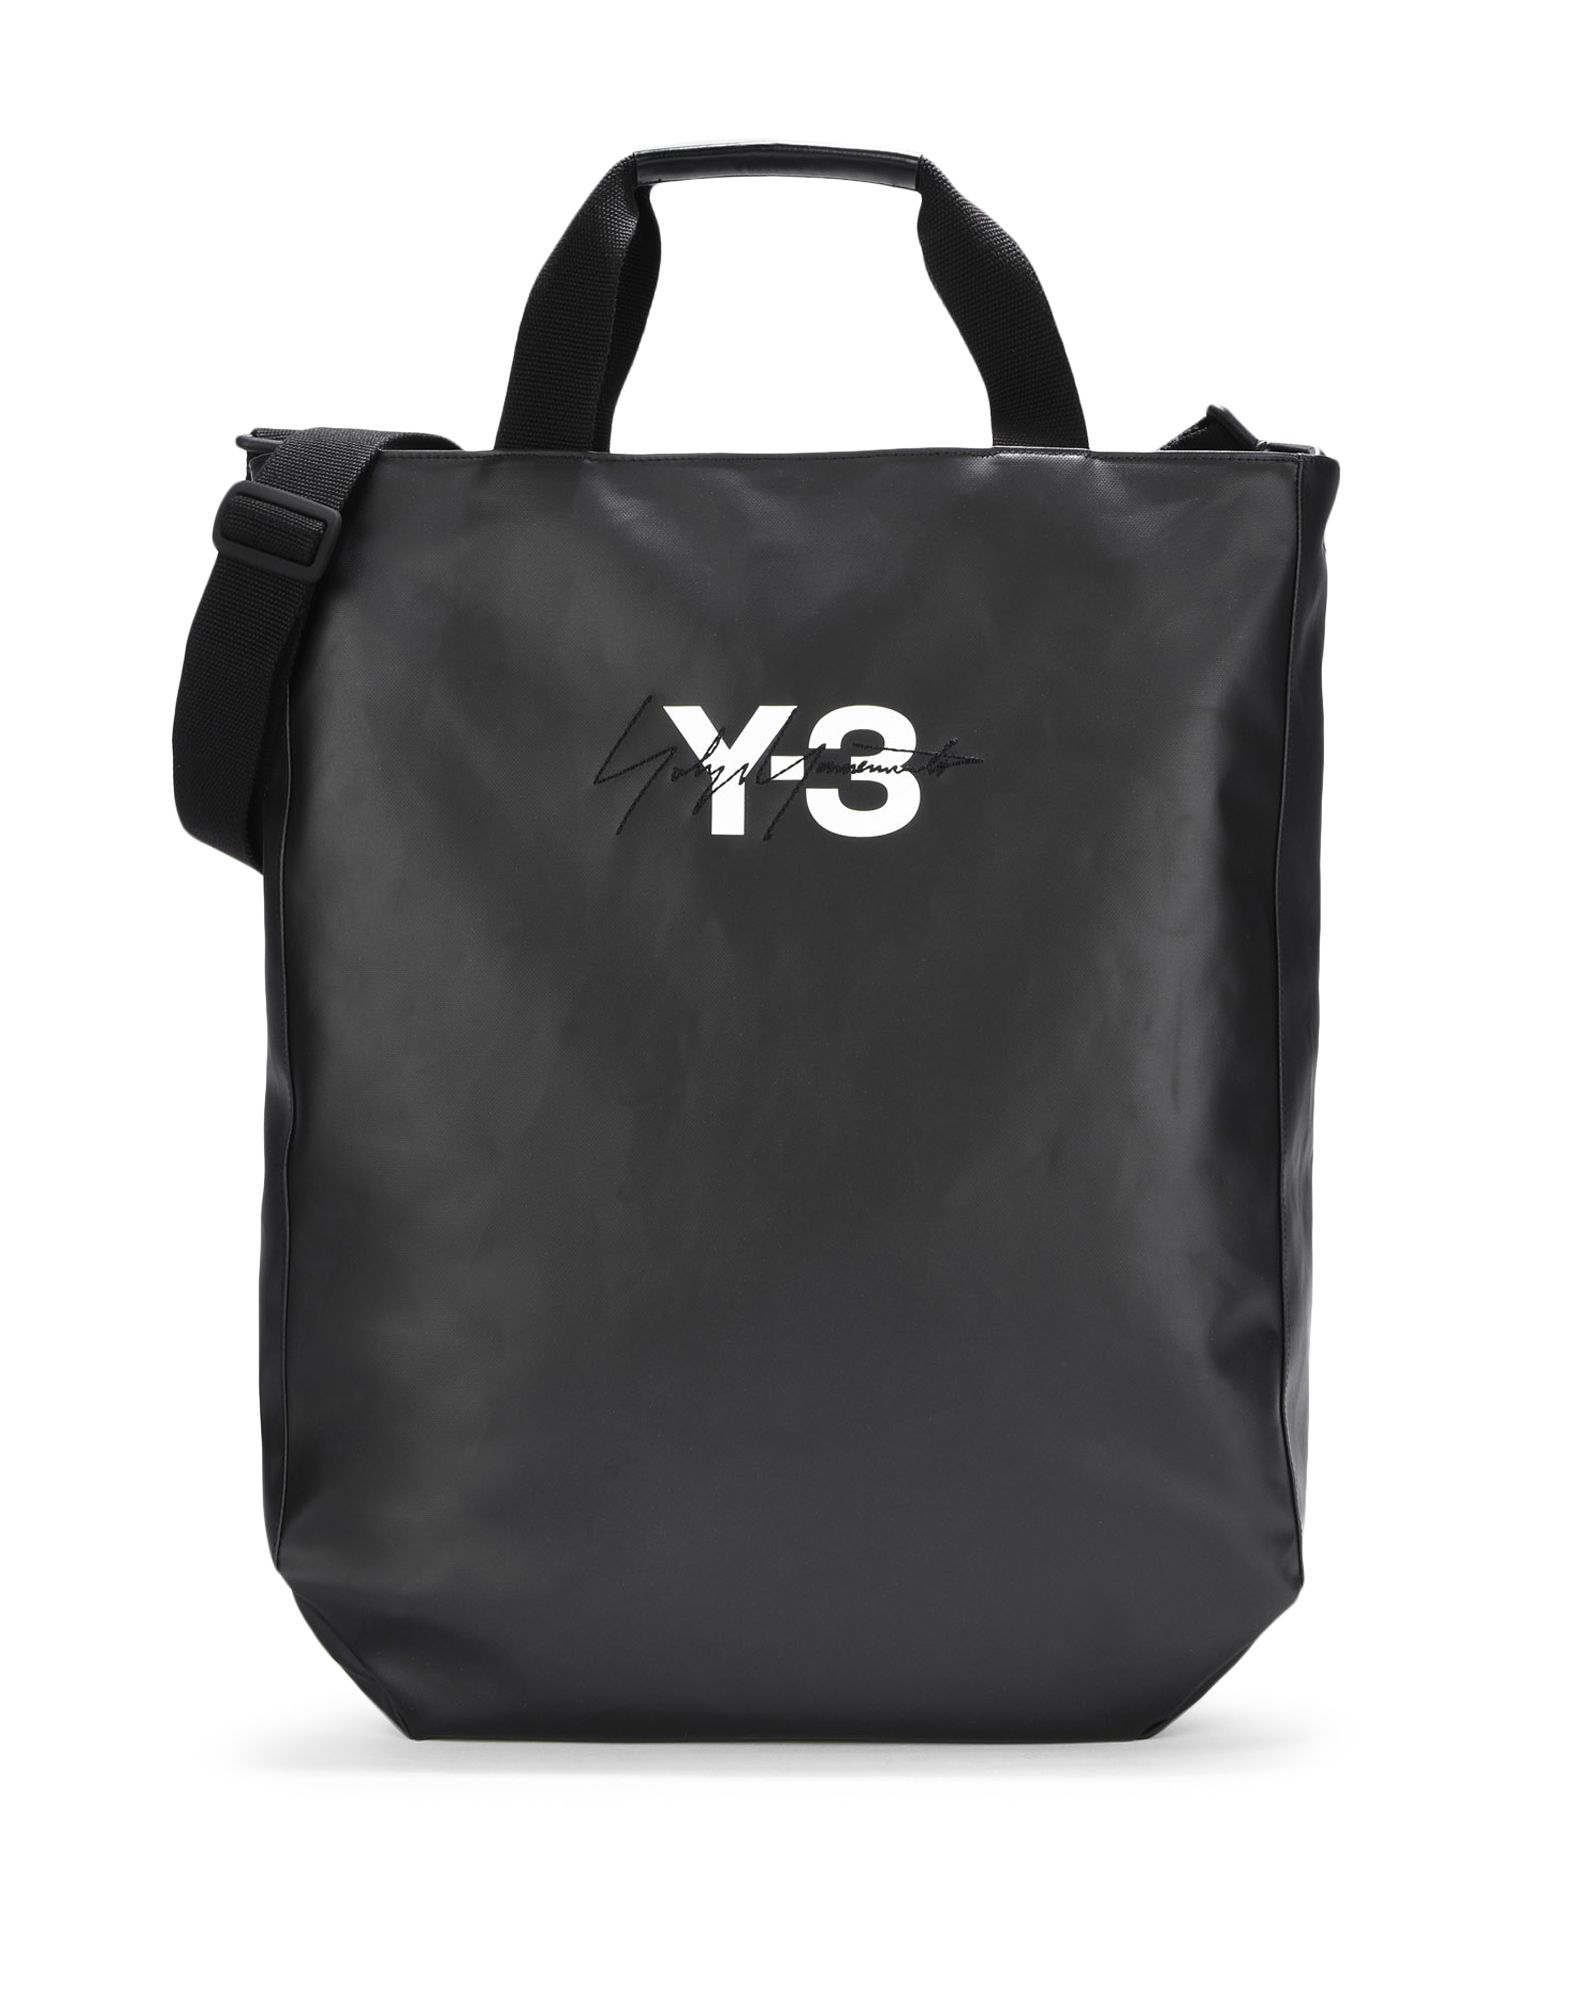 Y-3 Y-3 Logo Tote Bag Tote E f